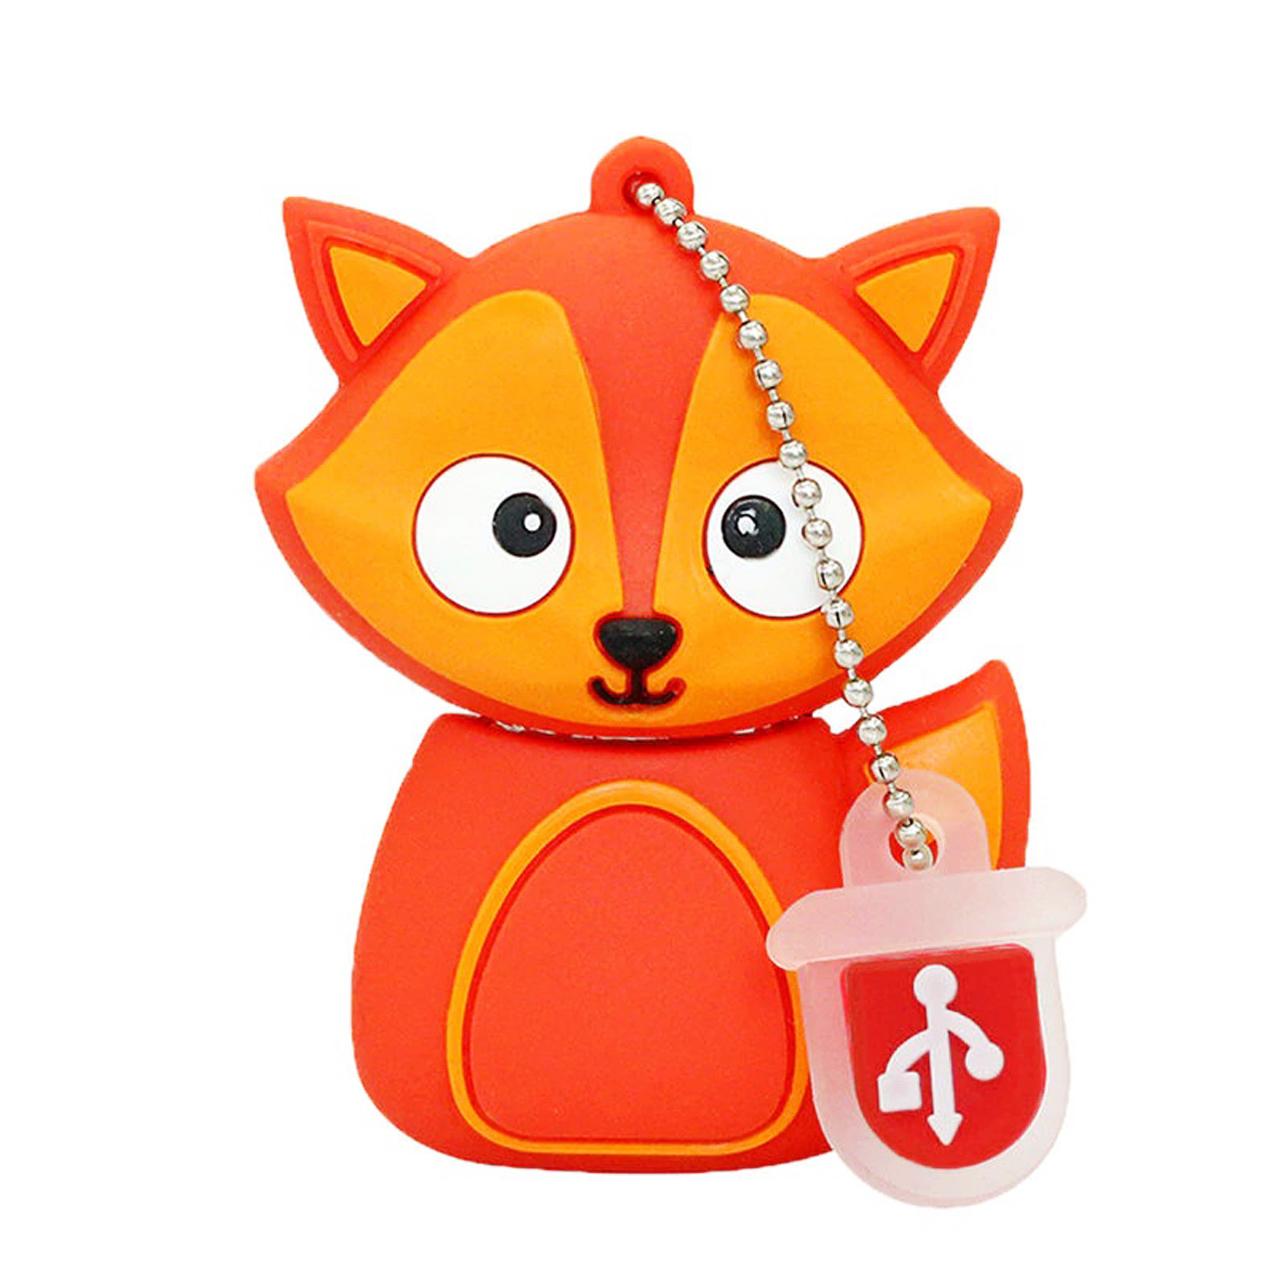 بررسی و {خرید با تخفیف} فلش مموری طرح روباه مدل Ul-Fox01 ظرفیت 128 گیگابایت اصل